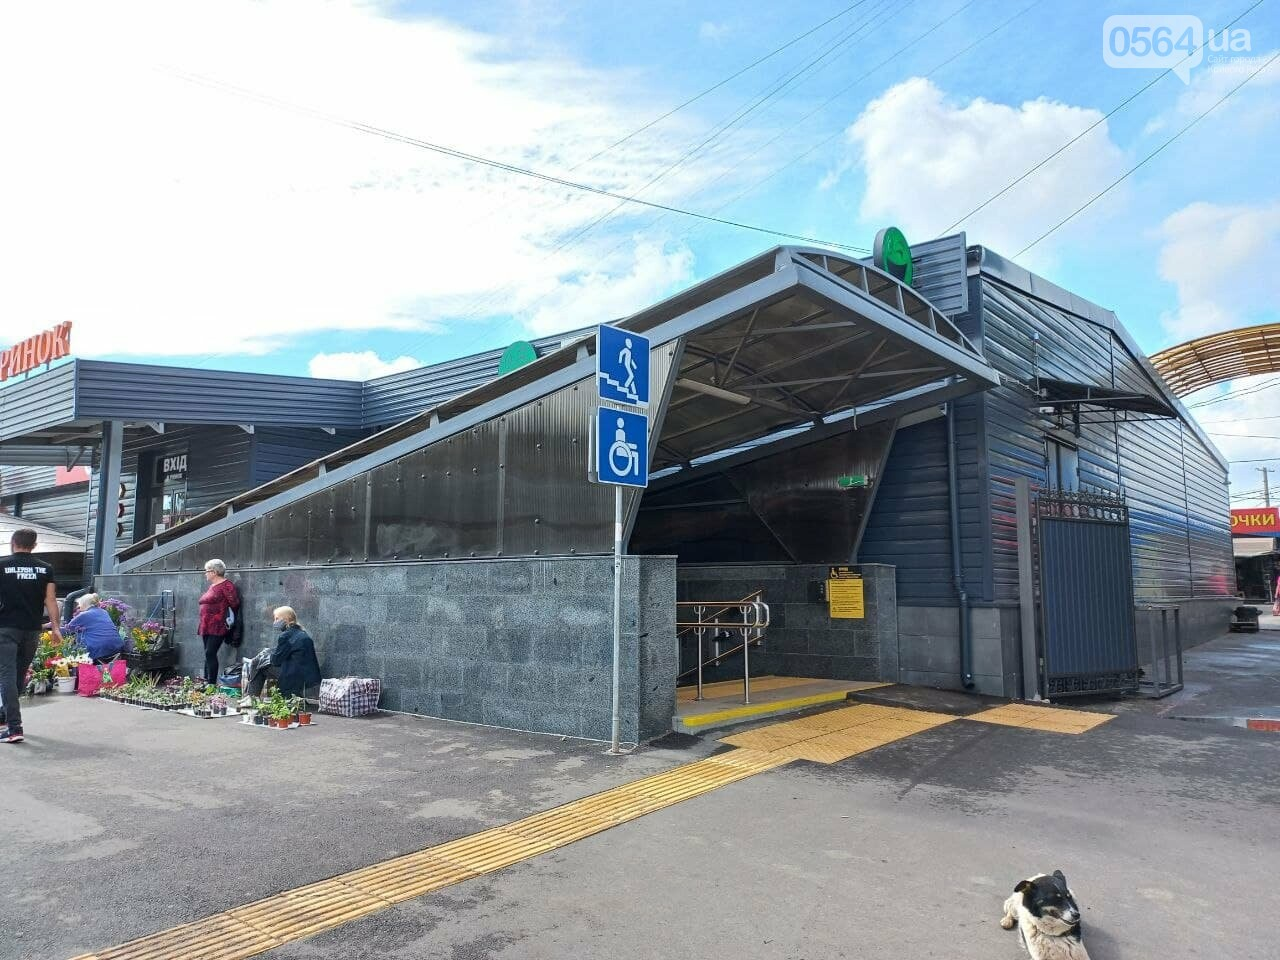 Возле Центрального рынка в Кривом Роге закрыли наземный переход и открыли подземный, - ФОТО, фото-2